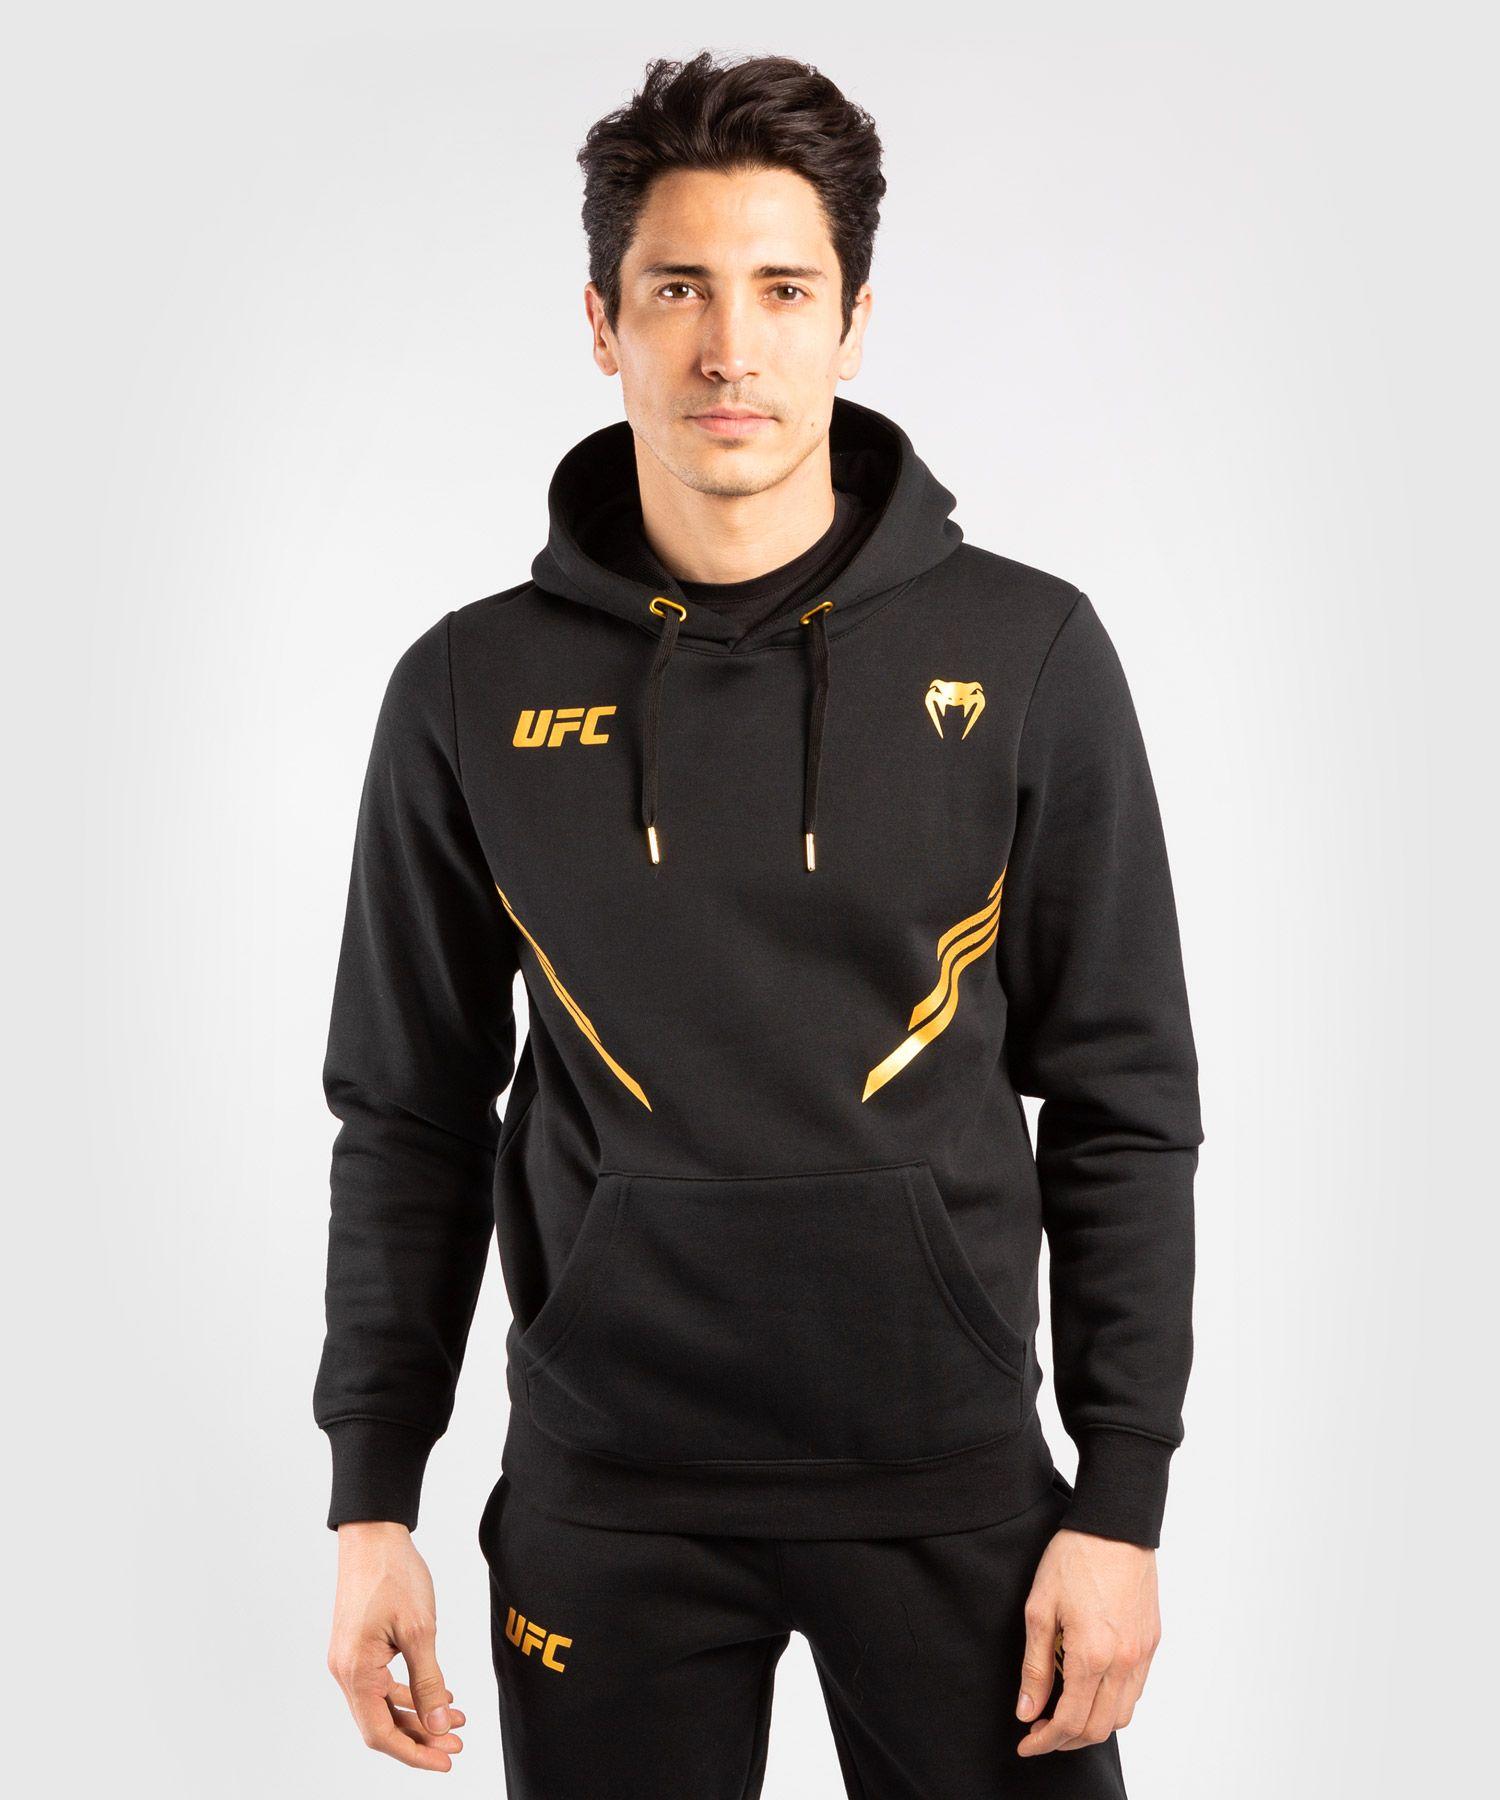 МУЖСКАЯ ТОЛСТОВКА UFC VENUM REPLICA - Чемпион